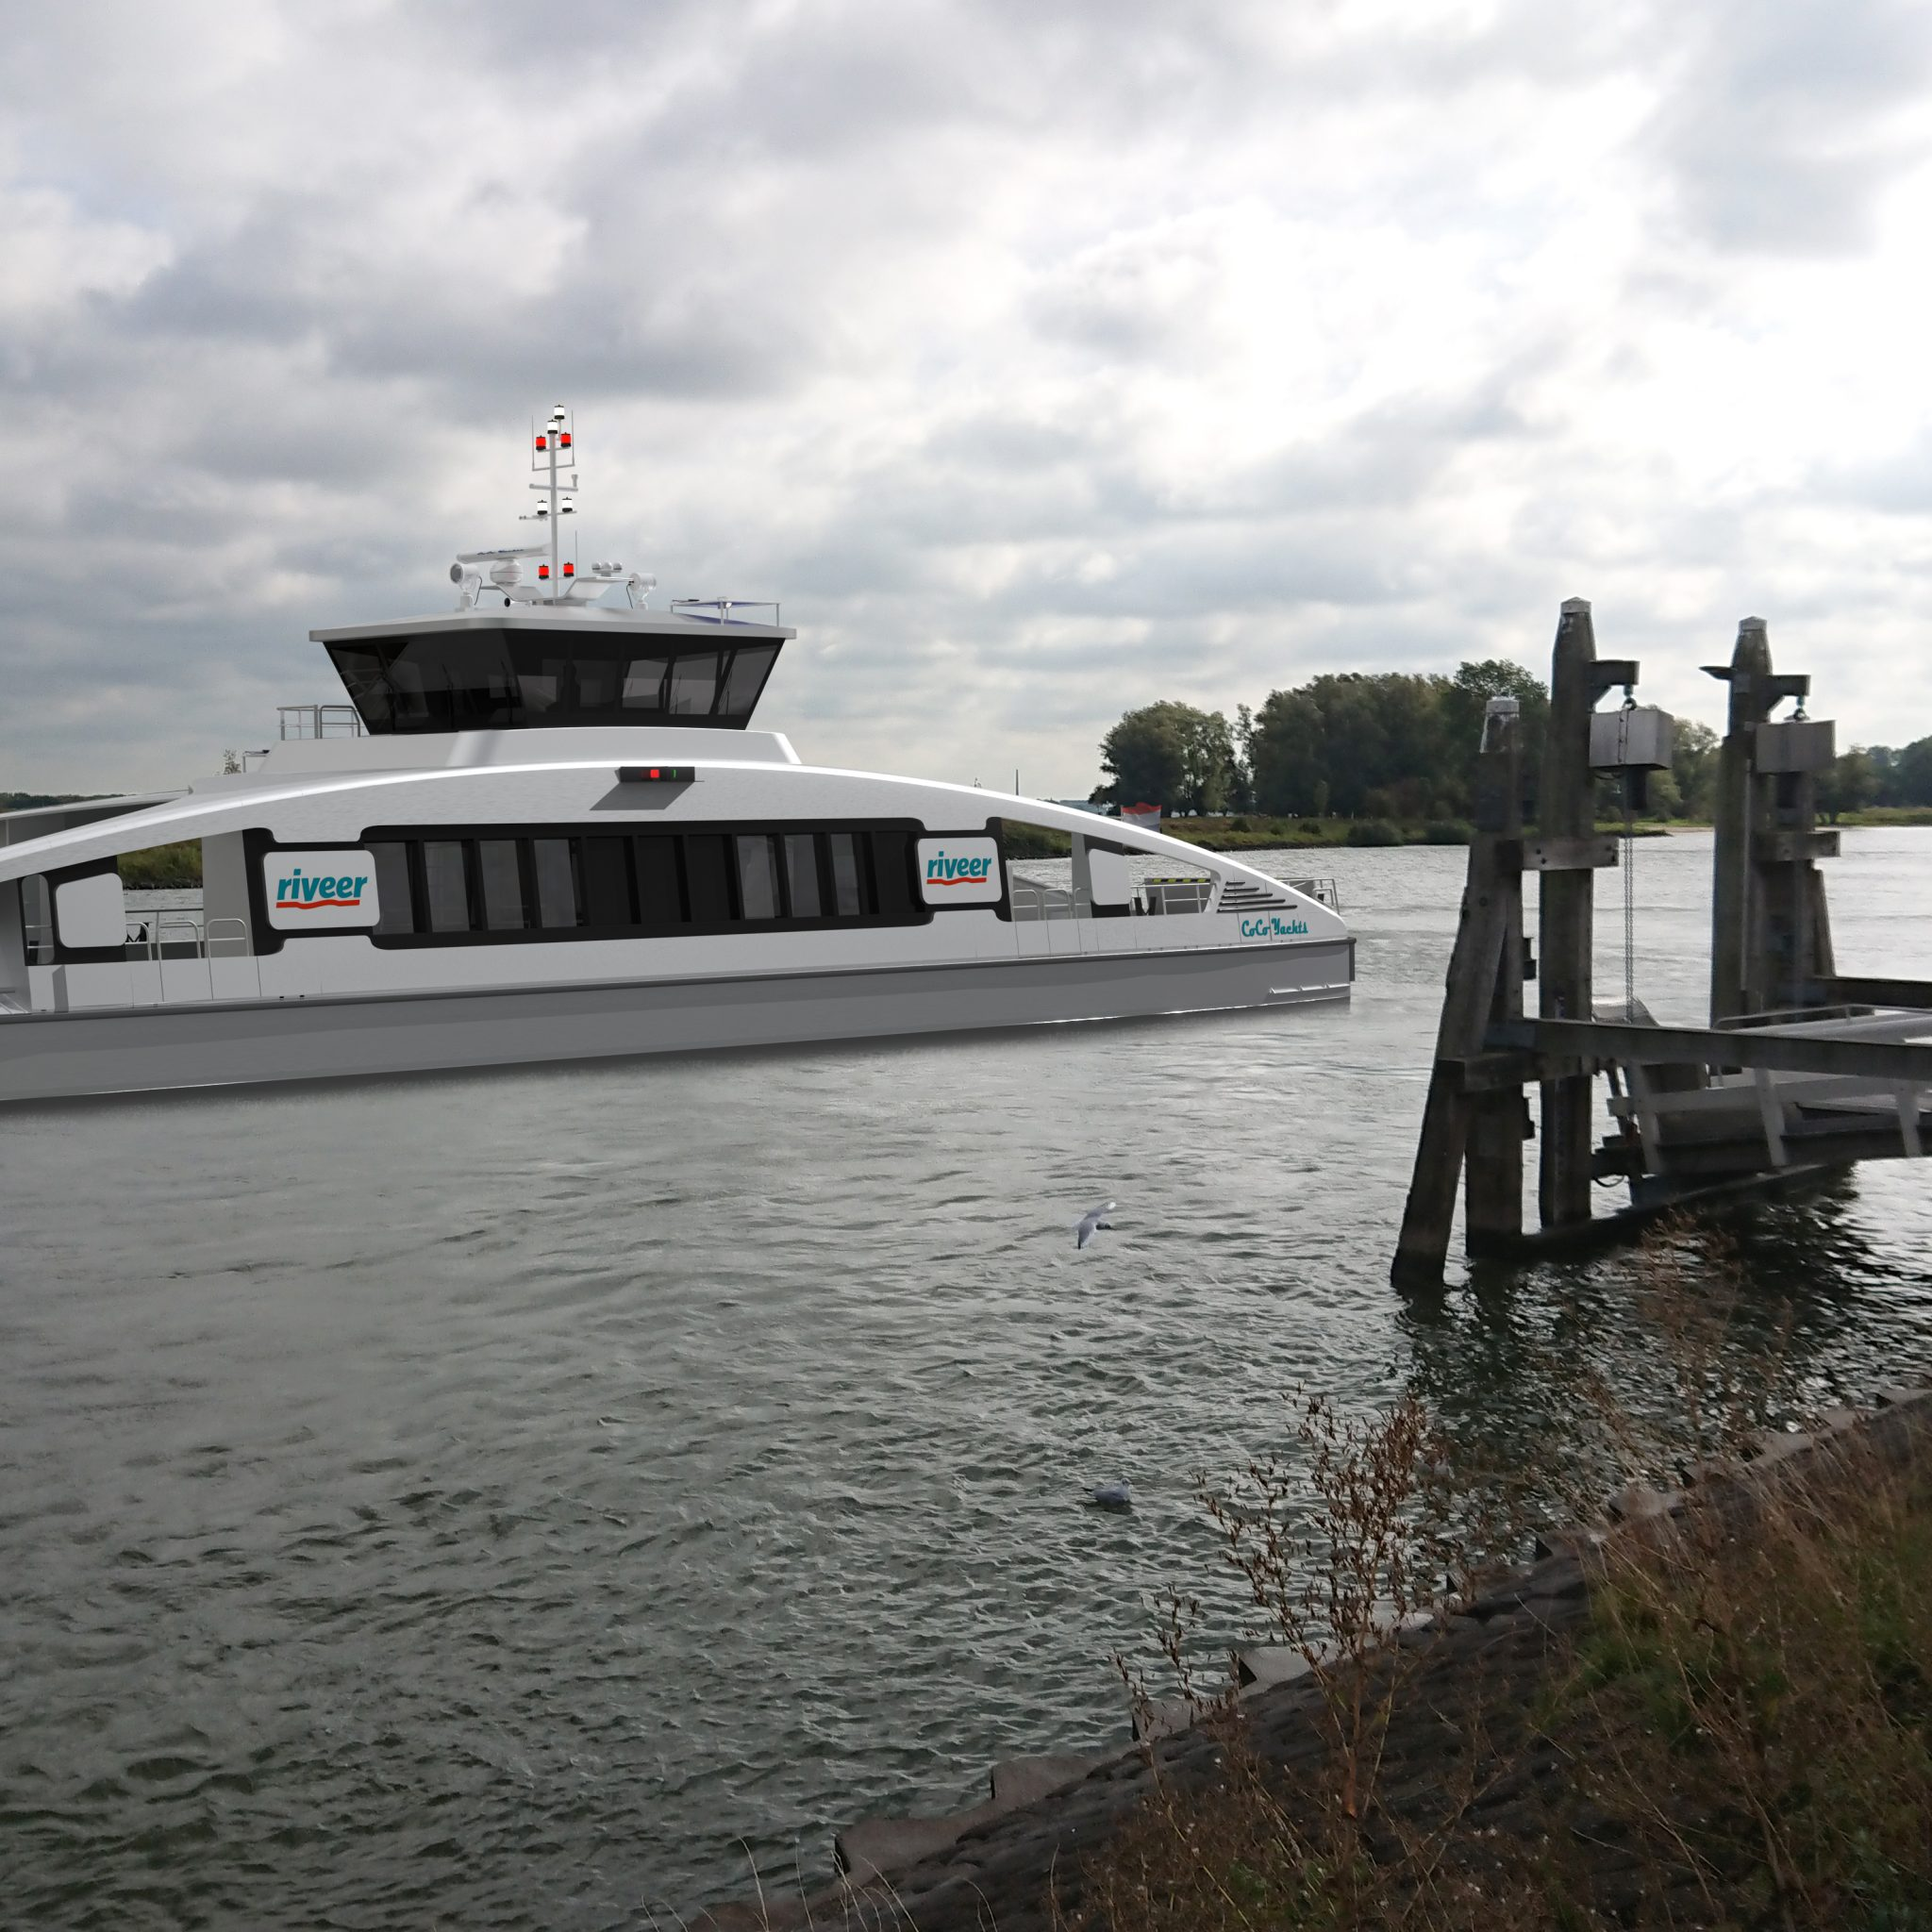 Zo moeten de ponten van Riveer er uit gaan zien. (Foto Holland Shipyards Group)